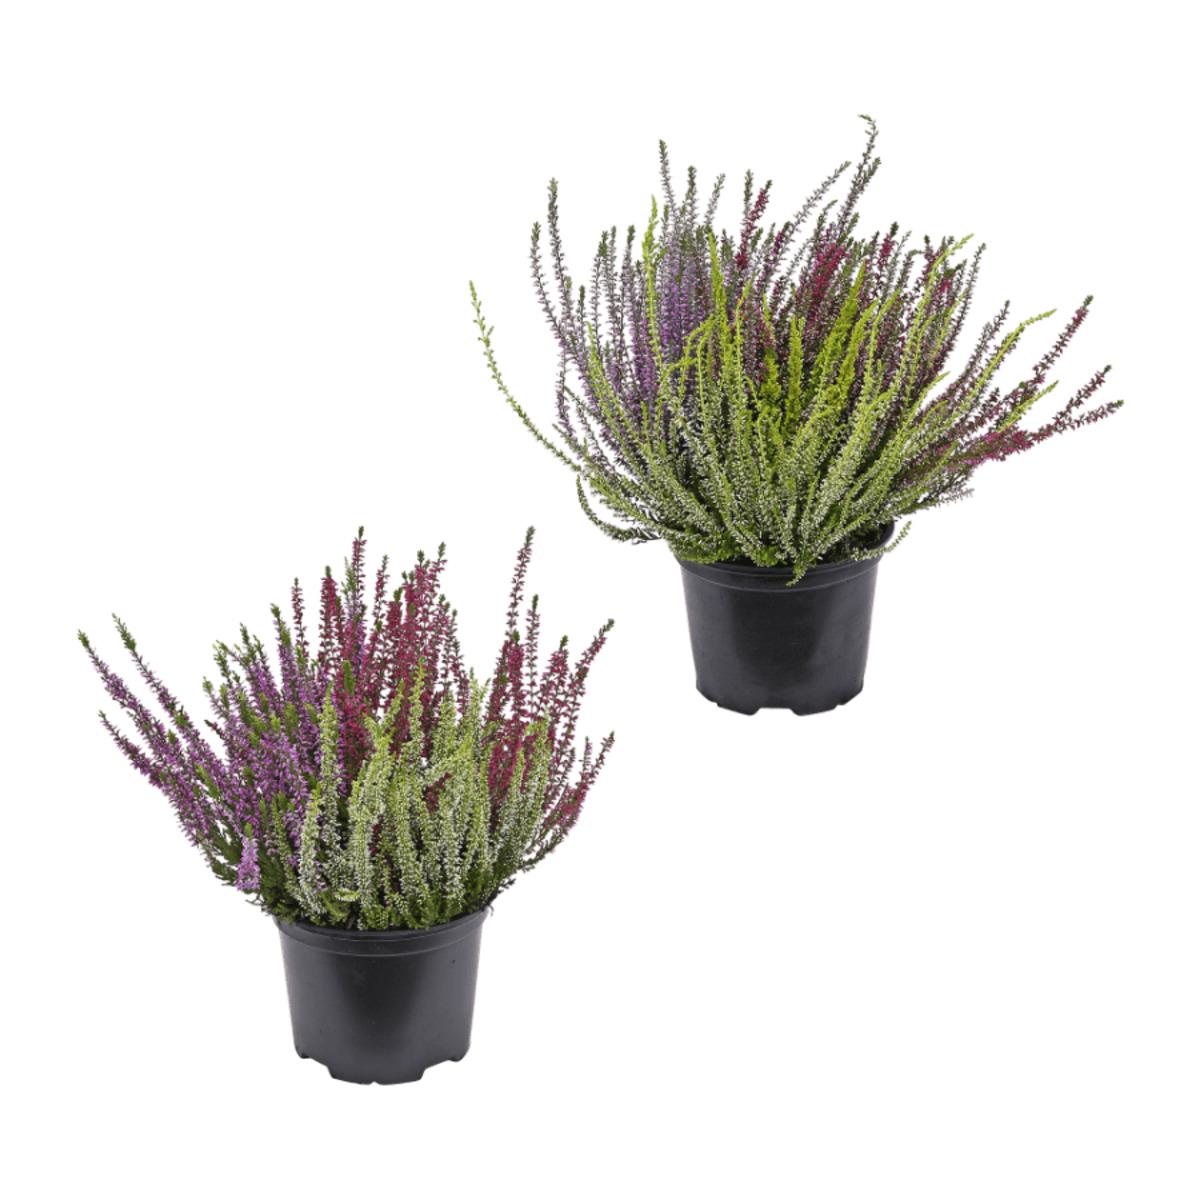 Bild 1 von GARDENLINE     Callunenbüsche